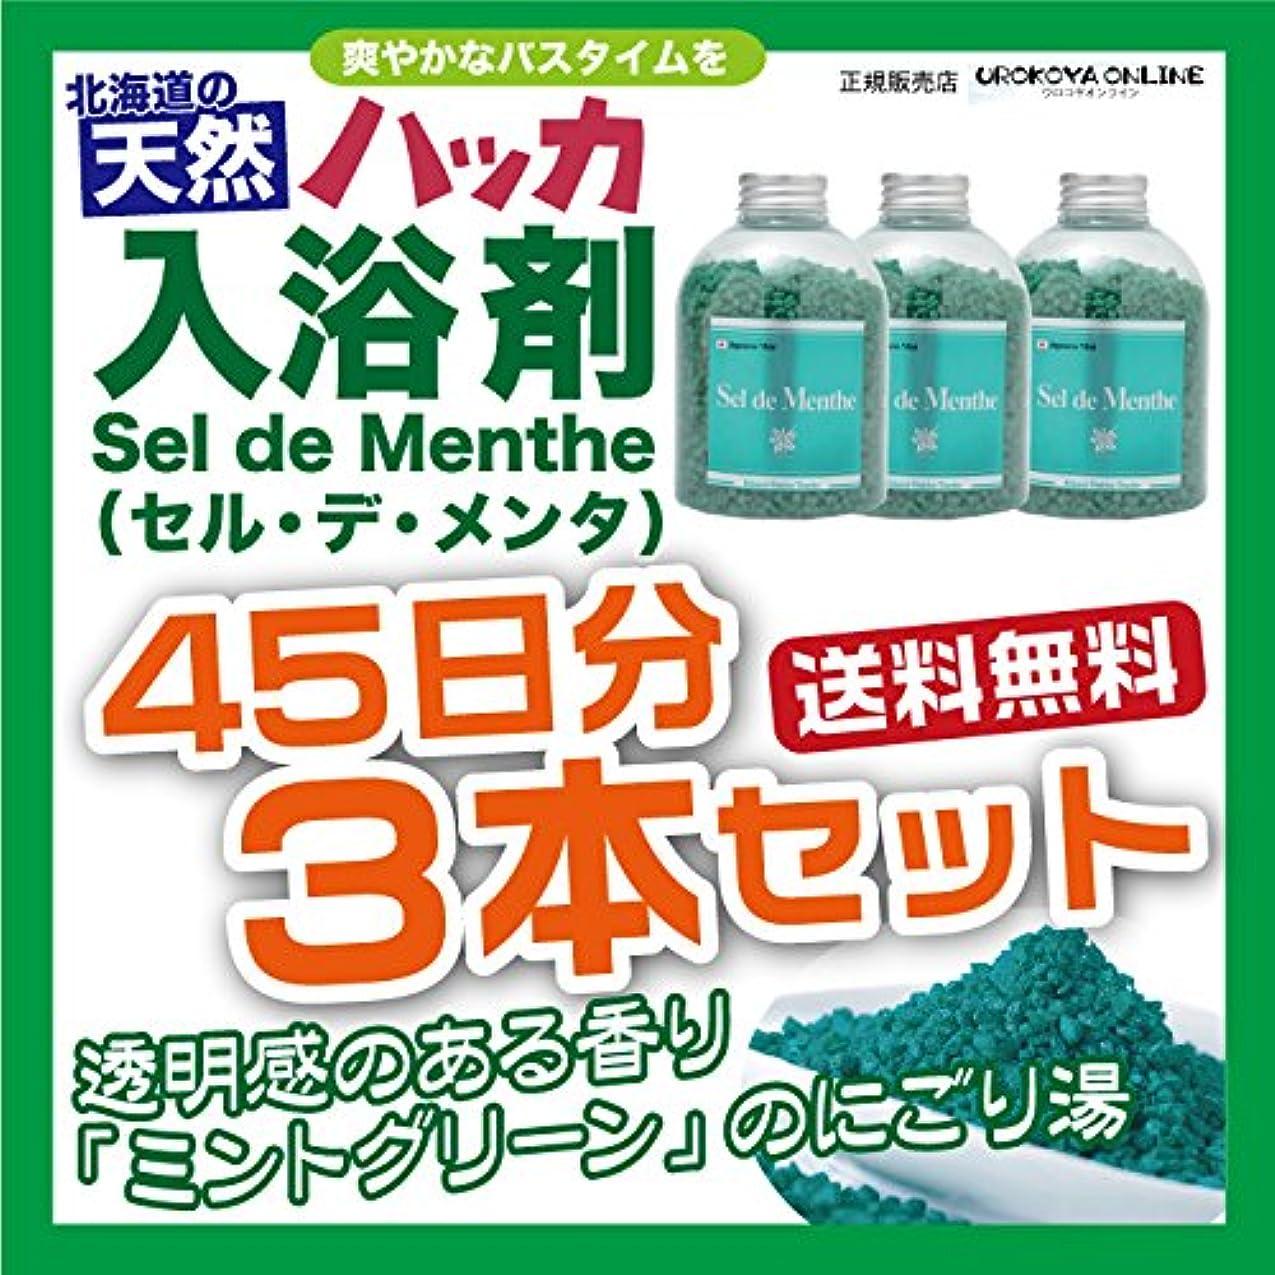 負荷息切れ書士【3本セット】北見ハッカ通商 入浴剤Sel de Menthe(セル?デ?メンタ)徳用ボトル 3本セット 1350g